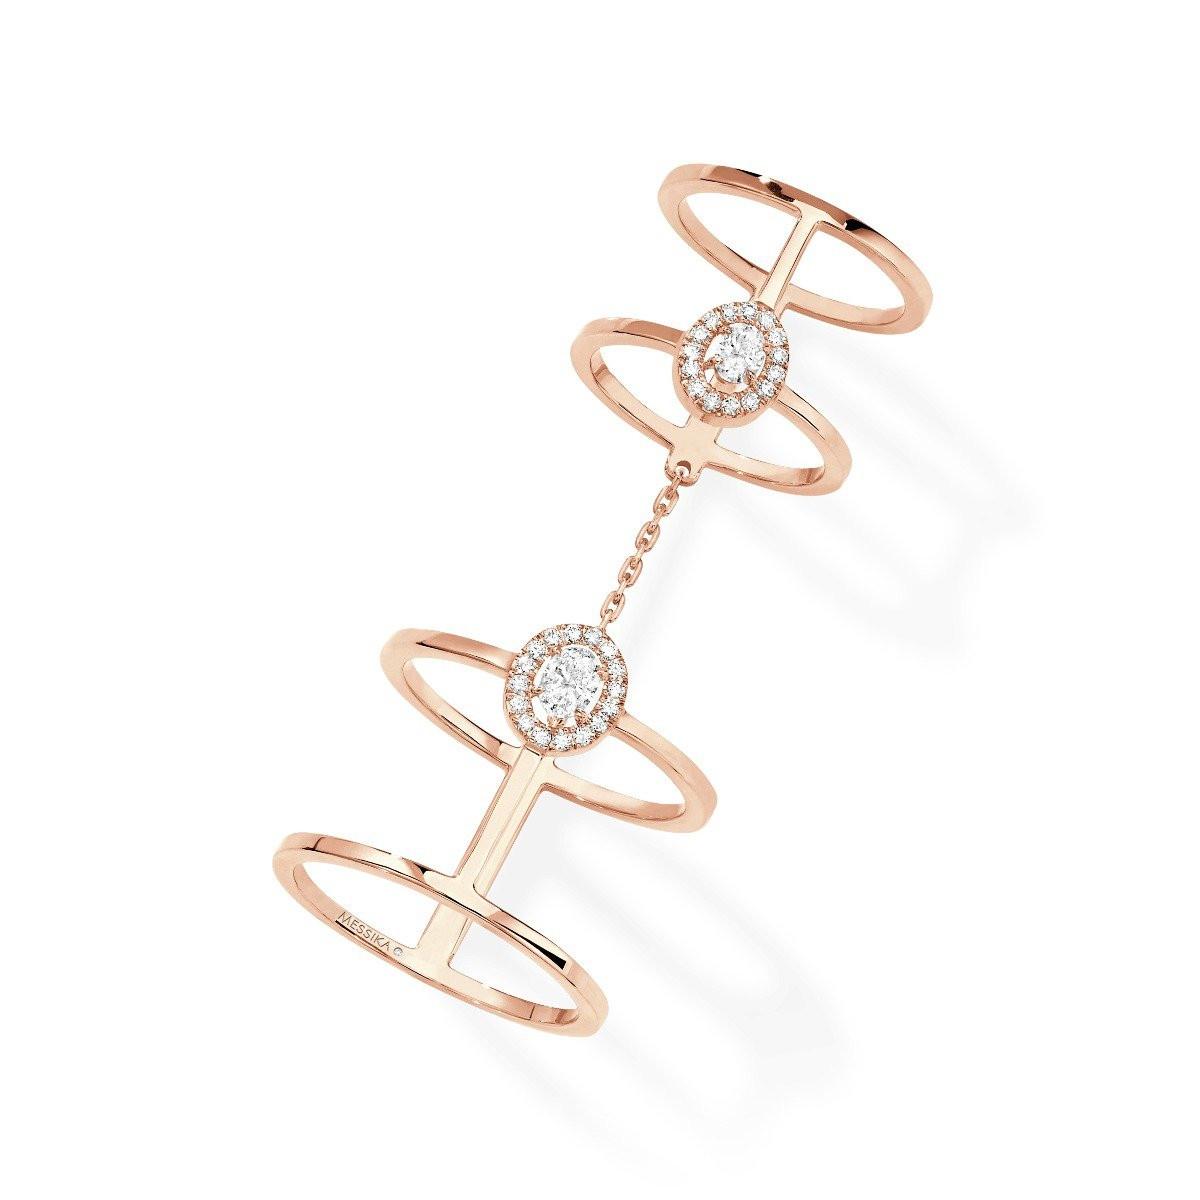 リング〈PG、ダイヤモンド〉¥460,000